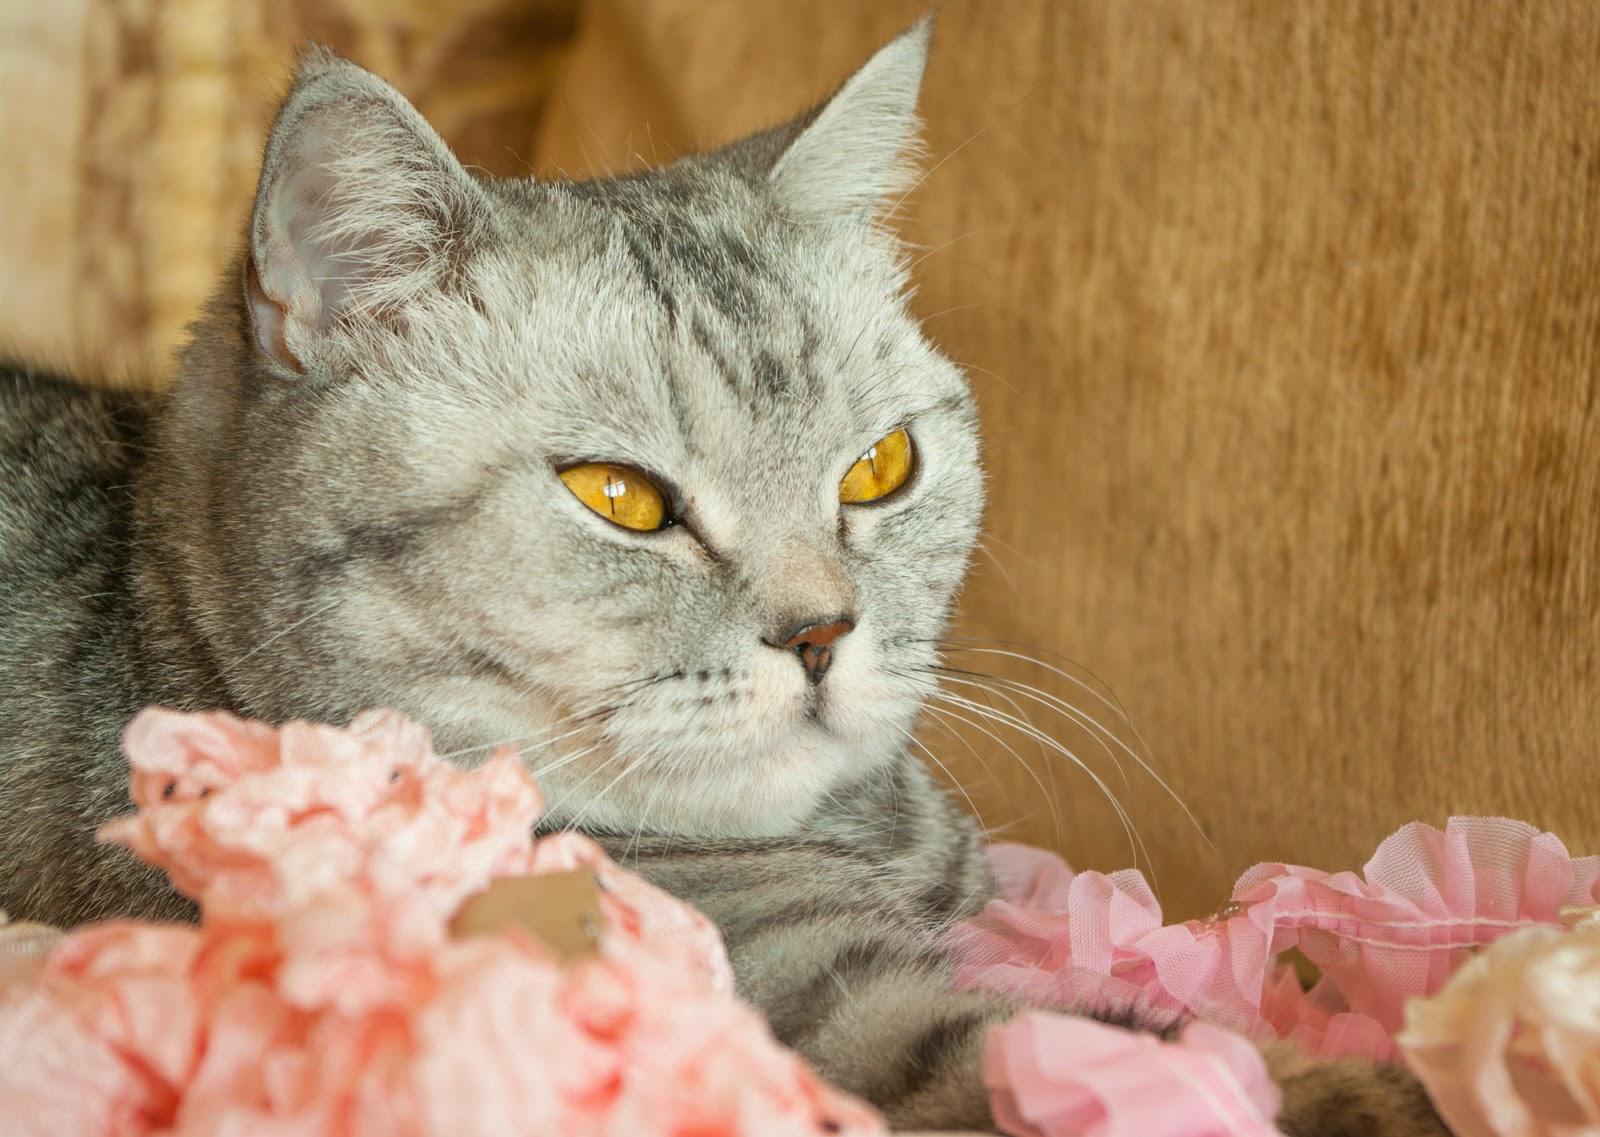 британская короткошерстная, котэ, котик, котики, кошечка, кот